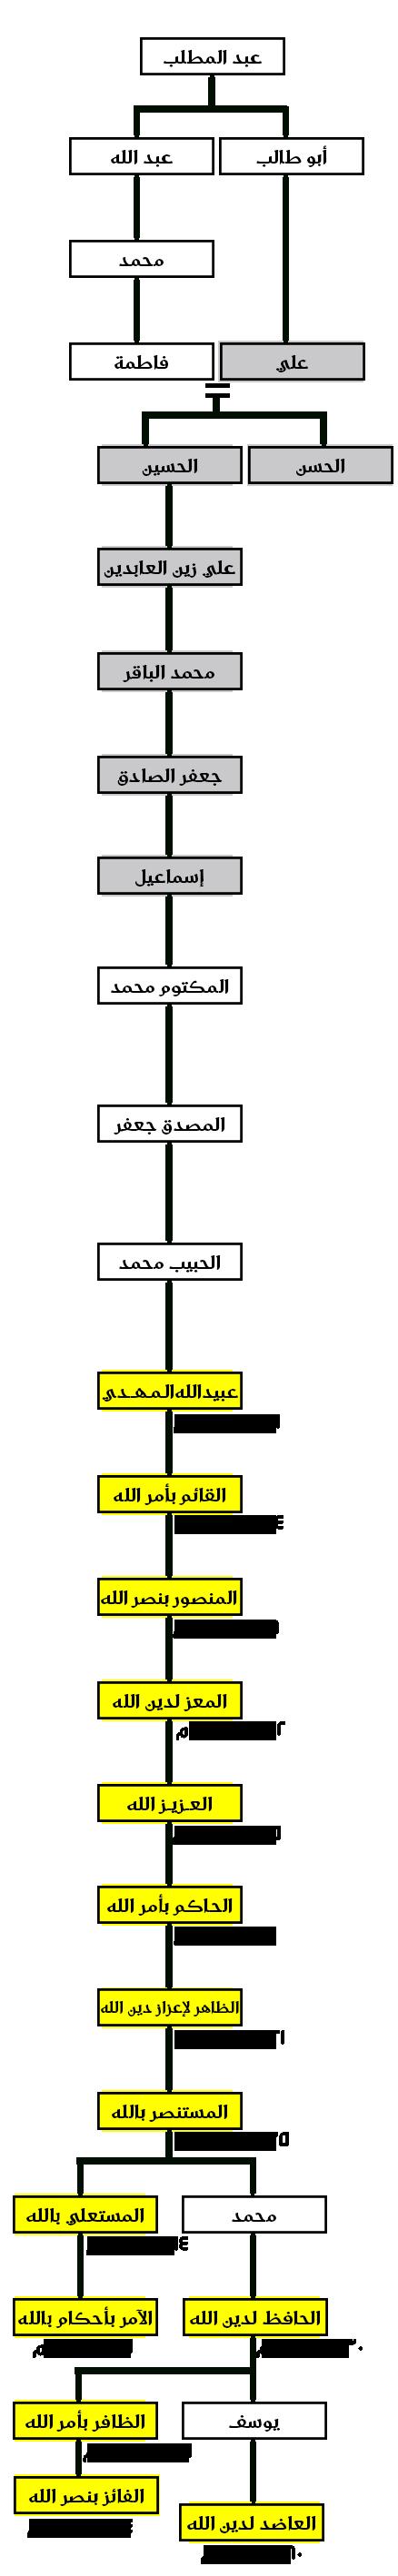 4f4f684b9 شجرة نسب الفاطميين بحسب ما هو شائع ومُتداول.